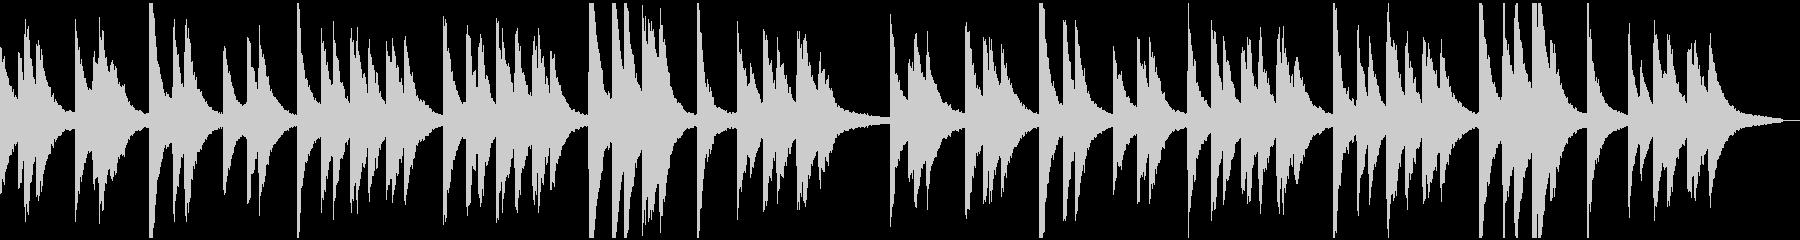 きよしこの夜ピアノ版(くりかえし可)の未再生の波形